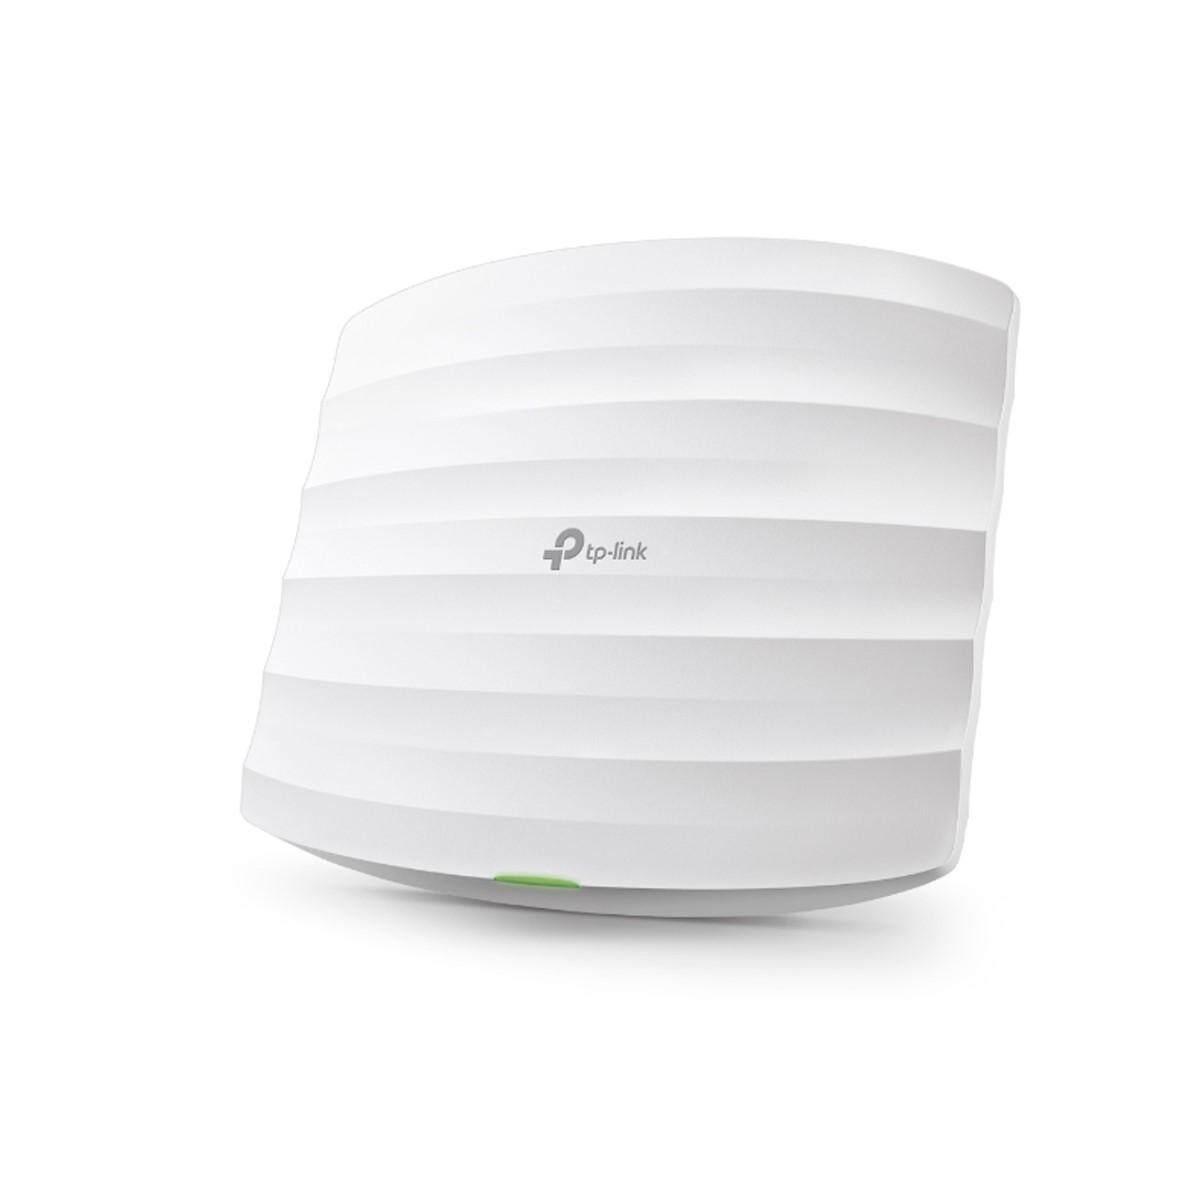 ลดสุดๆ TP-LINK EAP225 Ver.3 AC1350 ประกันศูนย์LIMITED LIFETIMEส่งโดยKERRY Wireless MU-MIMO Gigabit Ceiling Mount Access Point